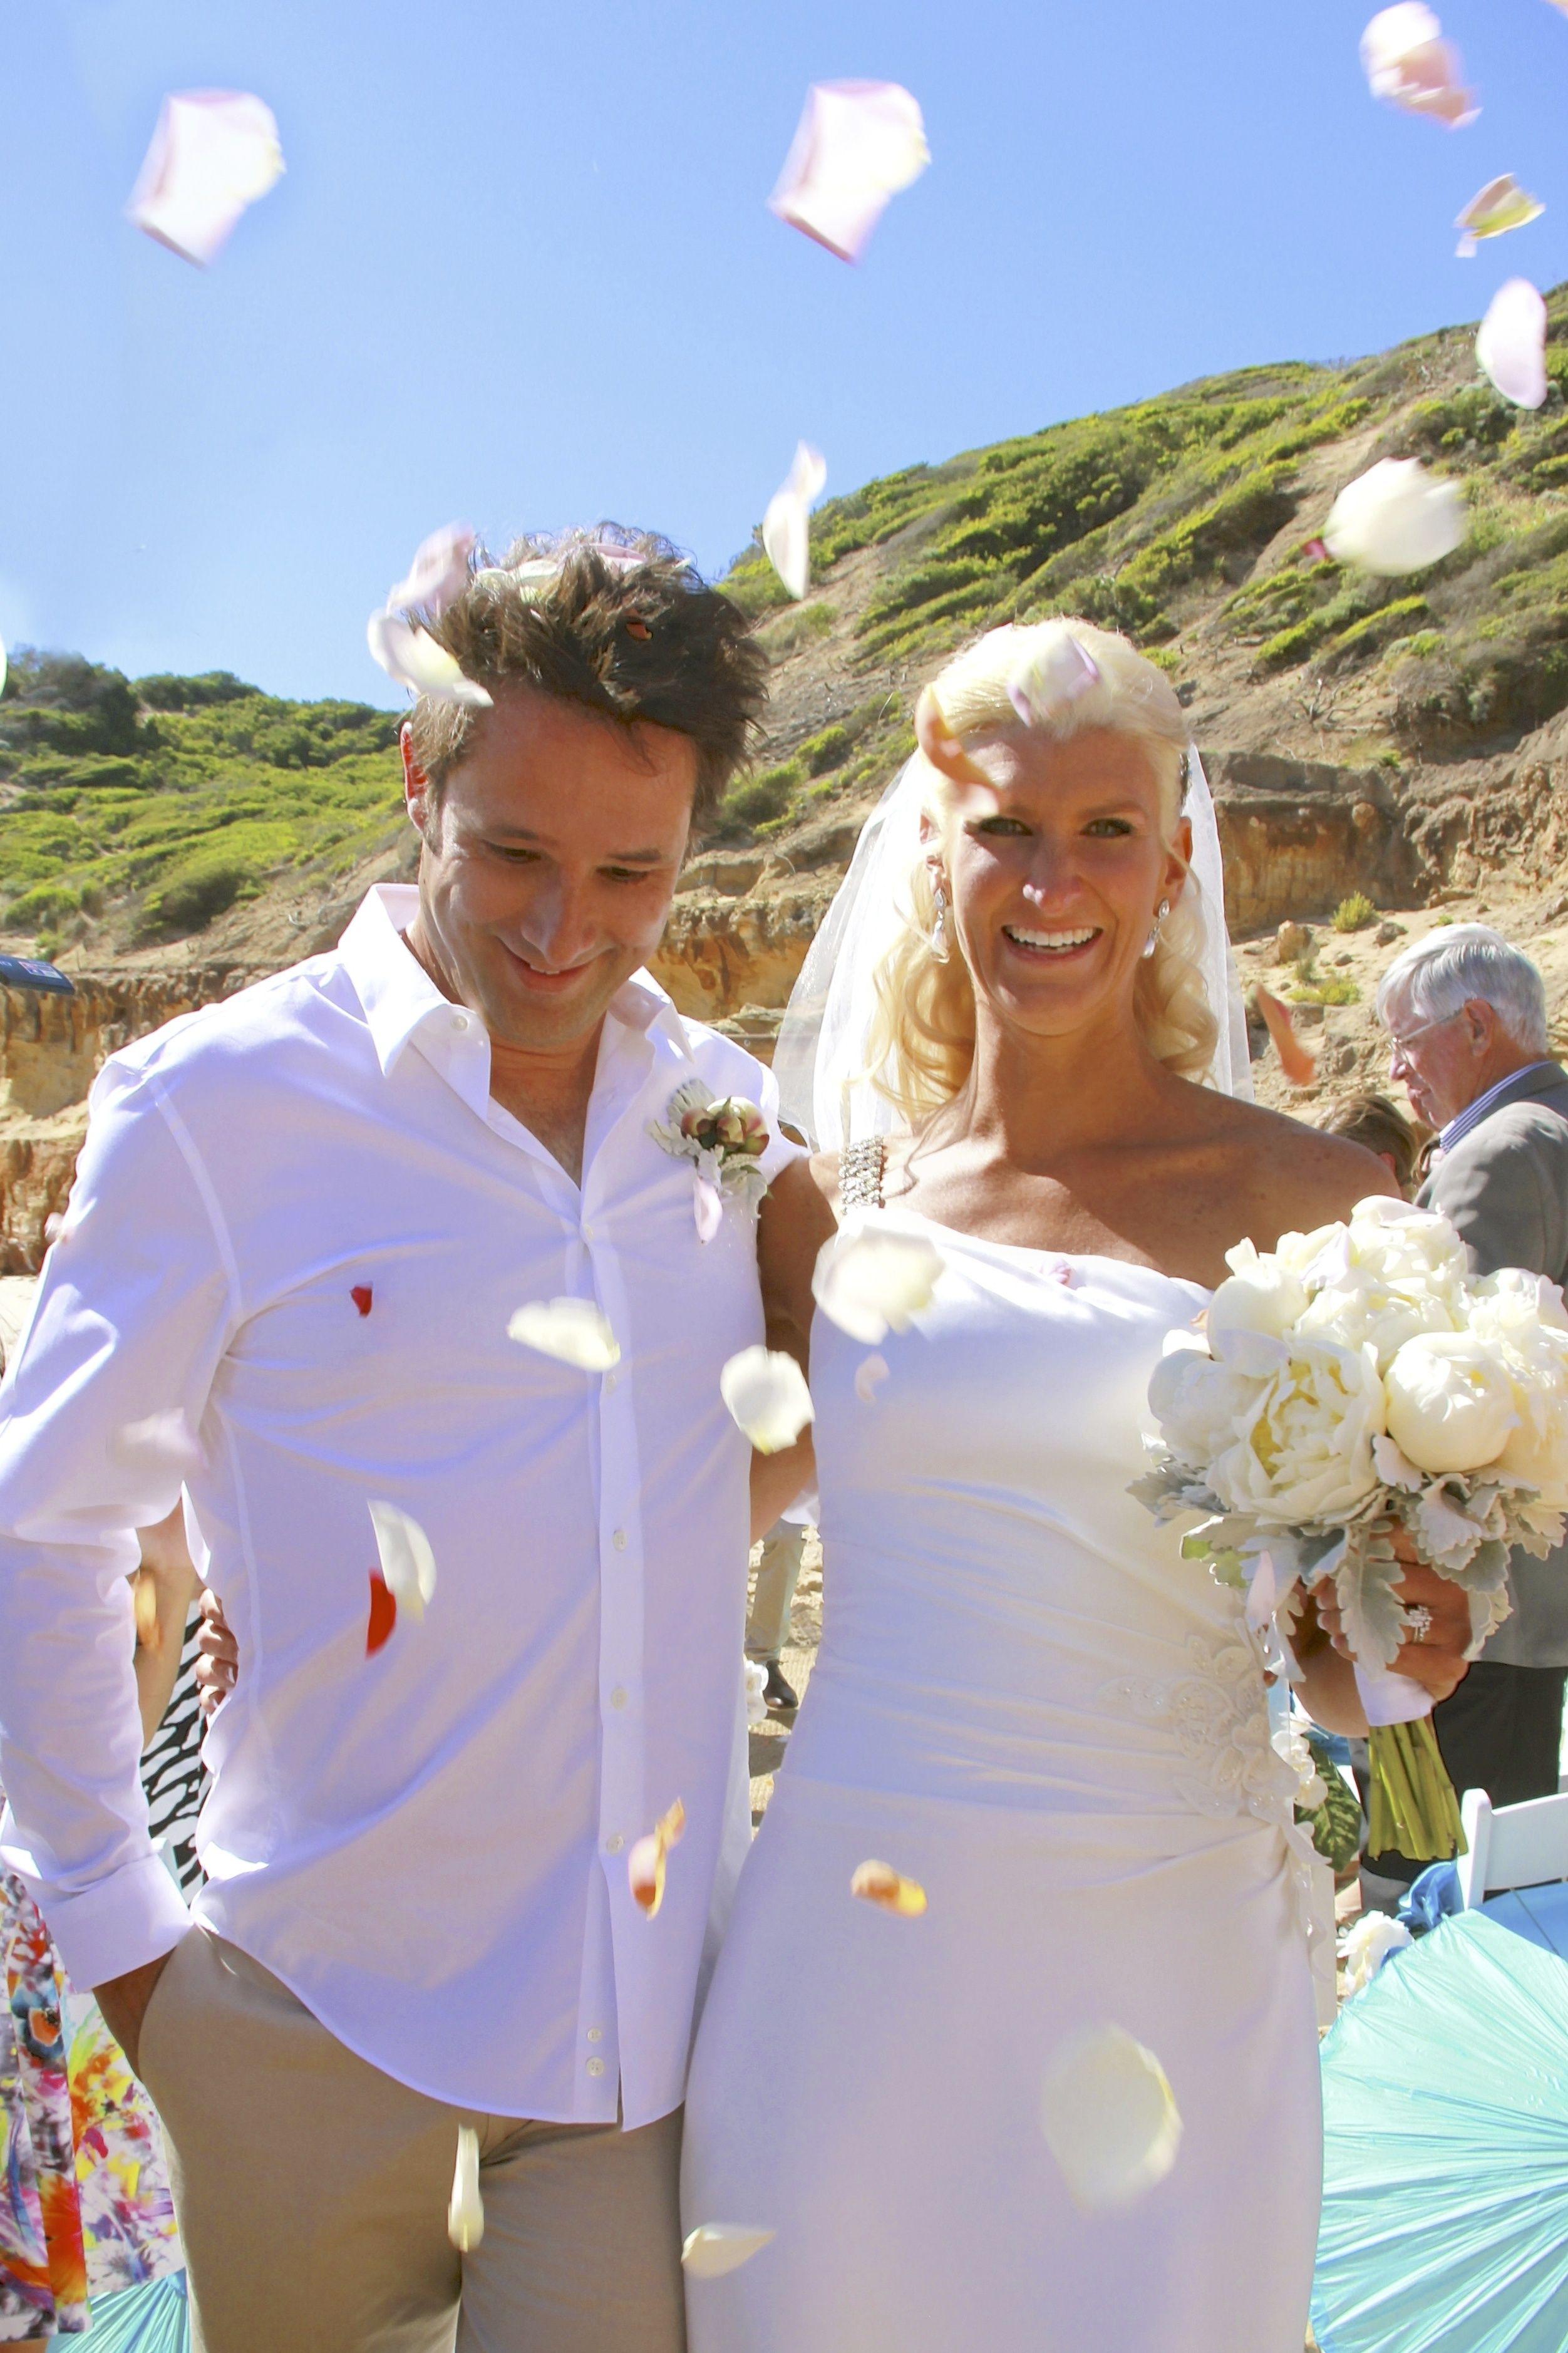 NOIM | Getting married in australia